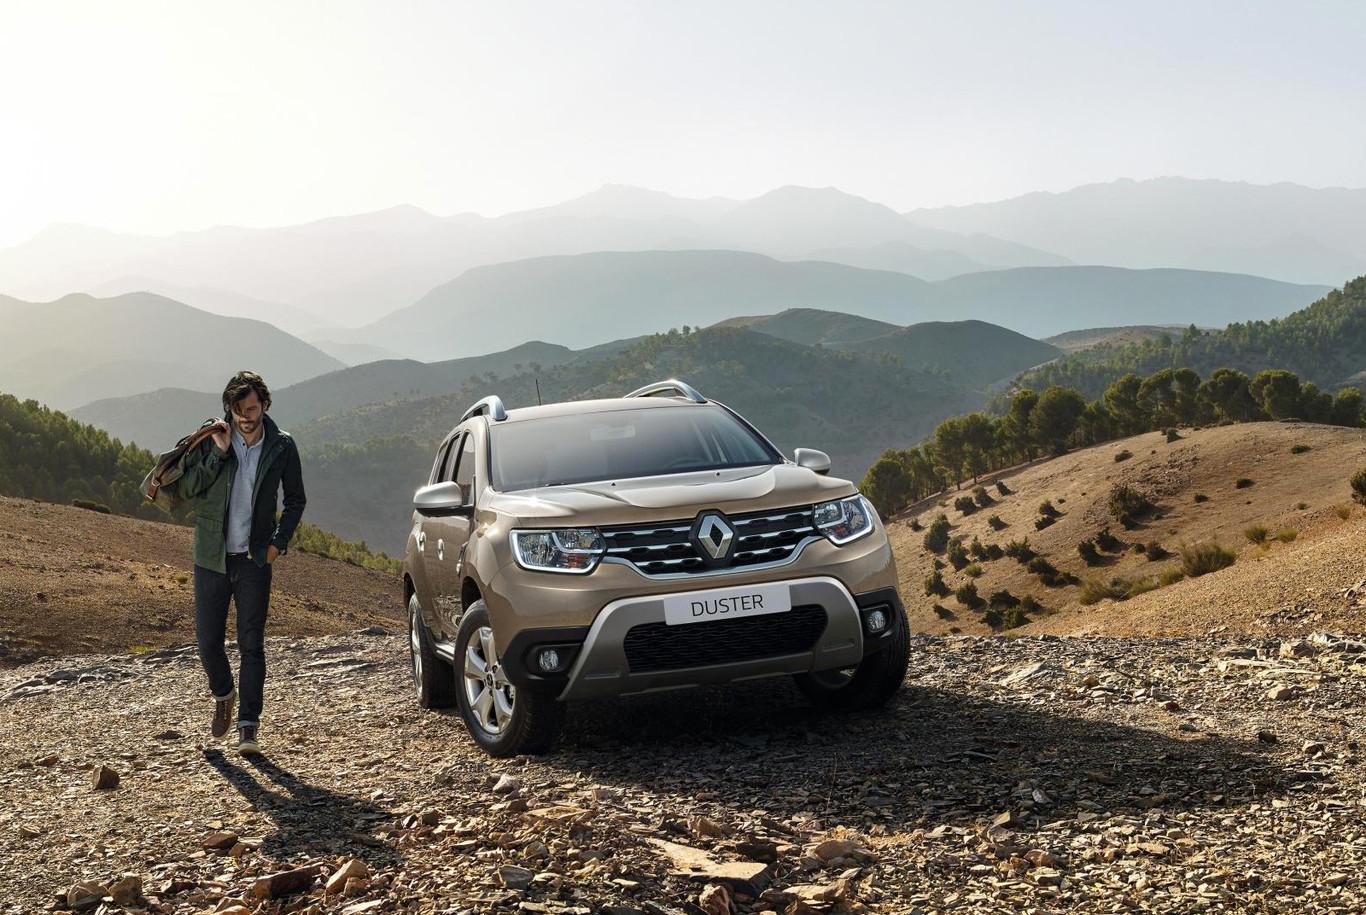 El Dacia Duster podría tener una versión híbrida, así pinta el futuro para las marcas de acceso